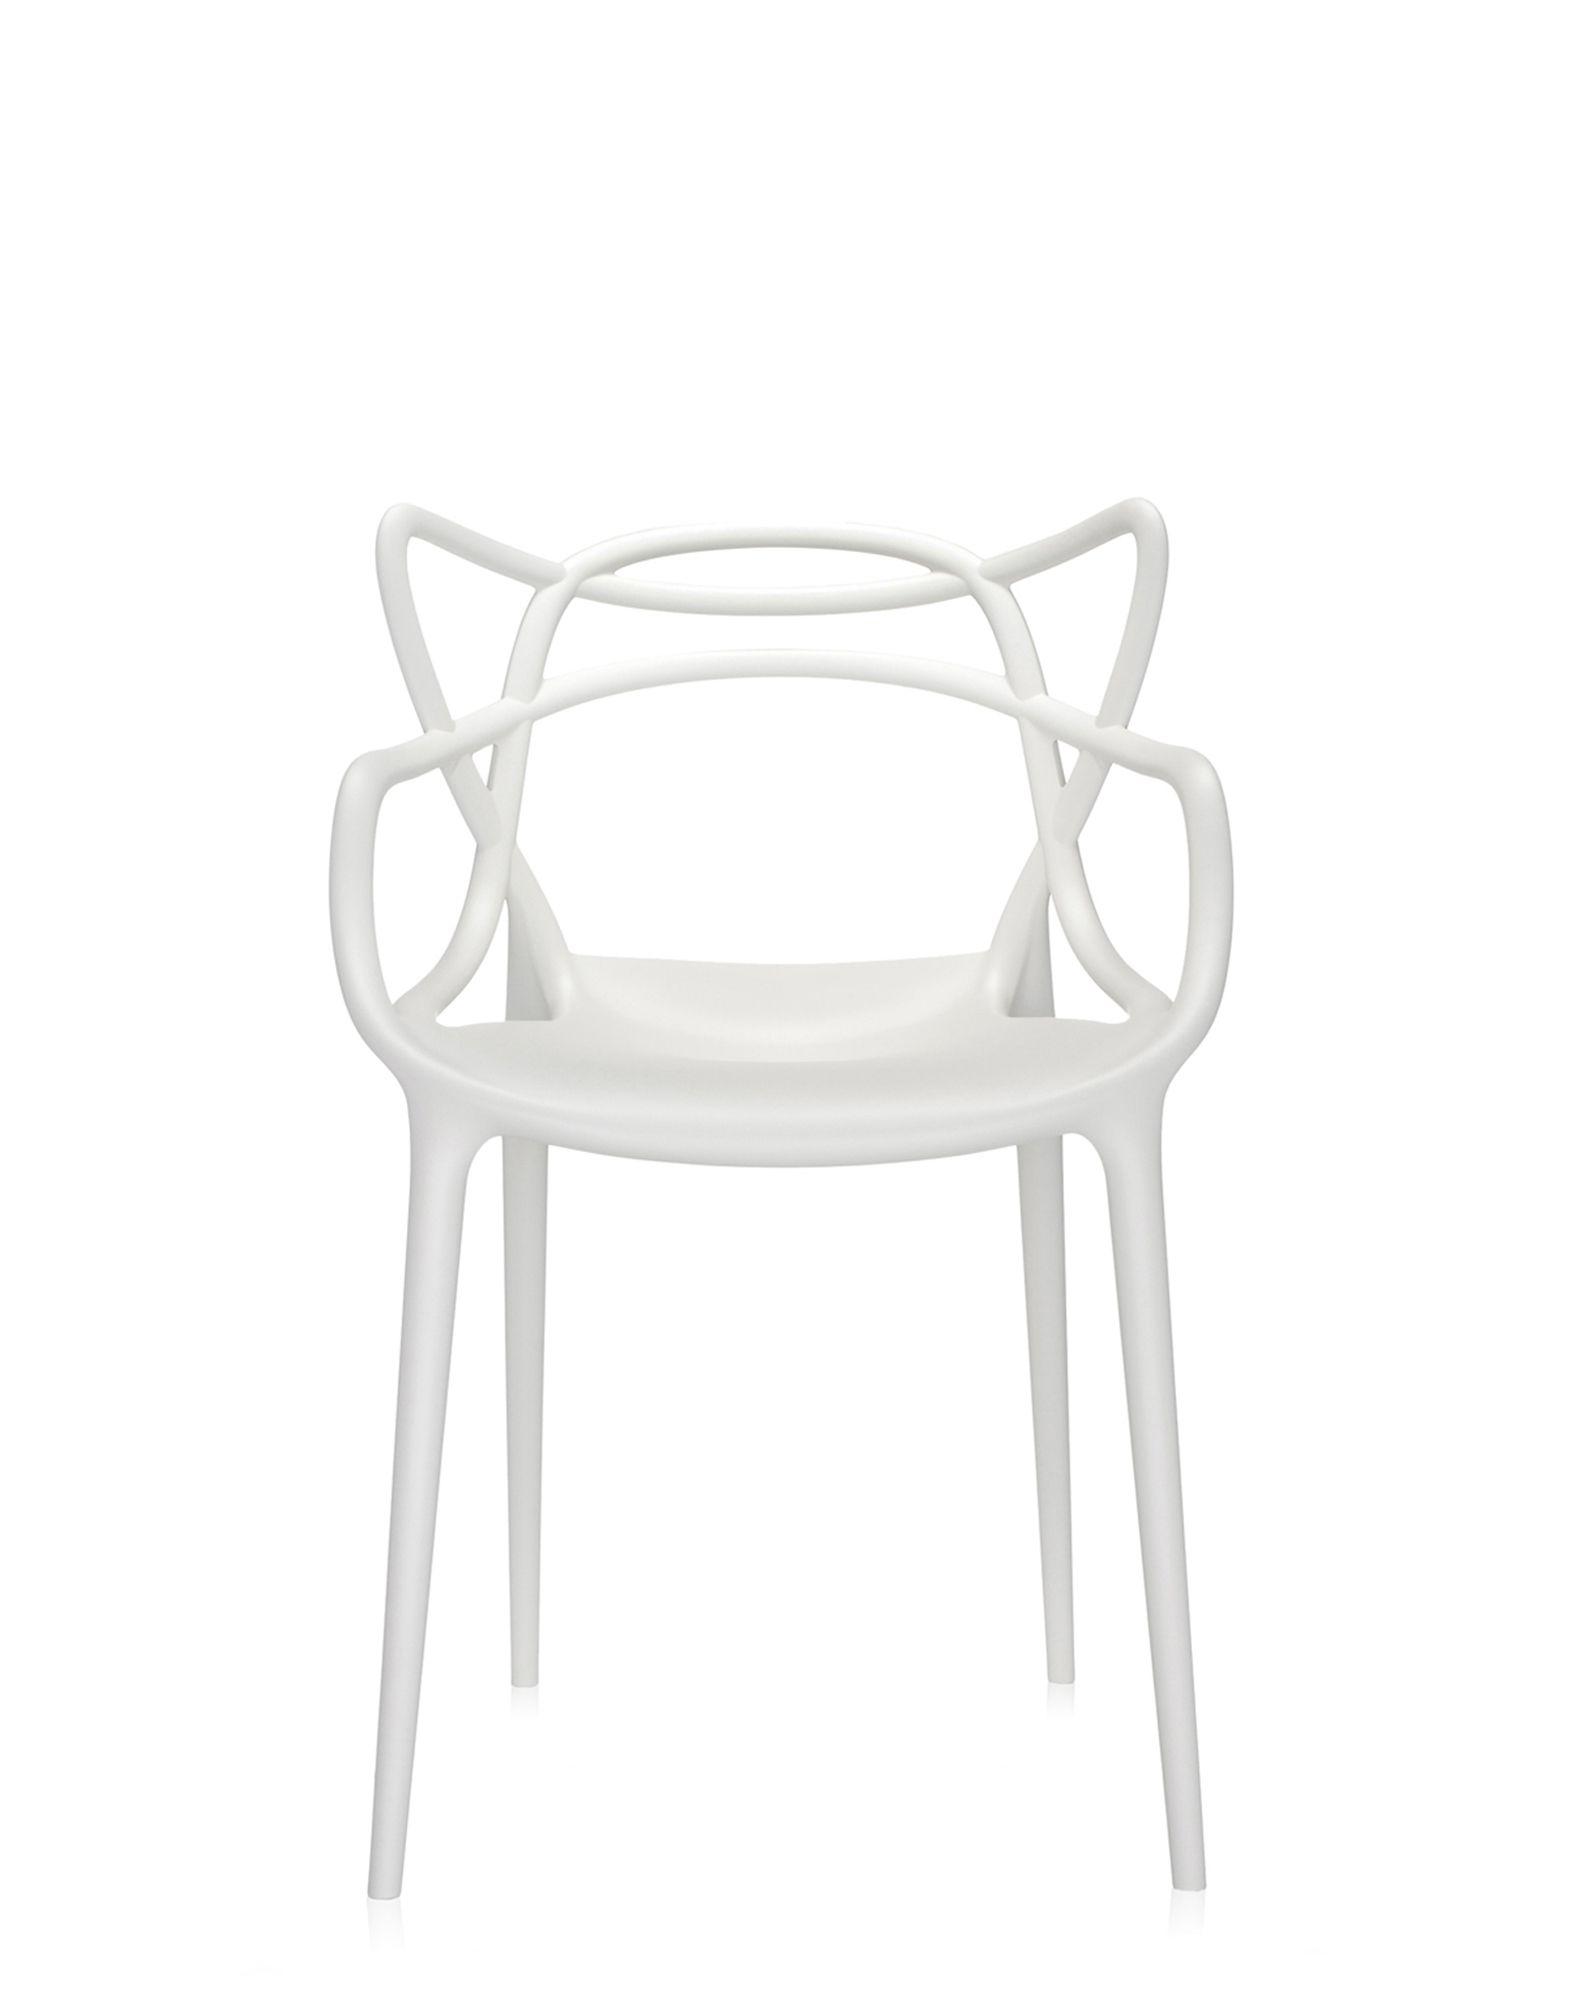 Kartell sedia Masters bianca | Sedie Design | Newformsdesign